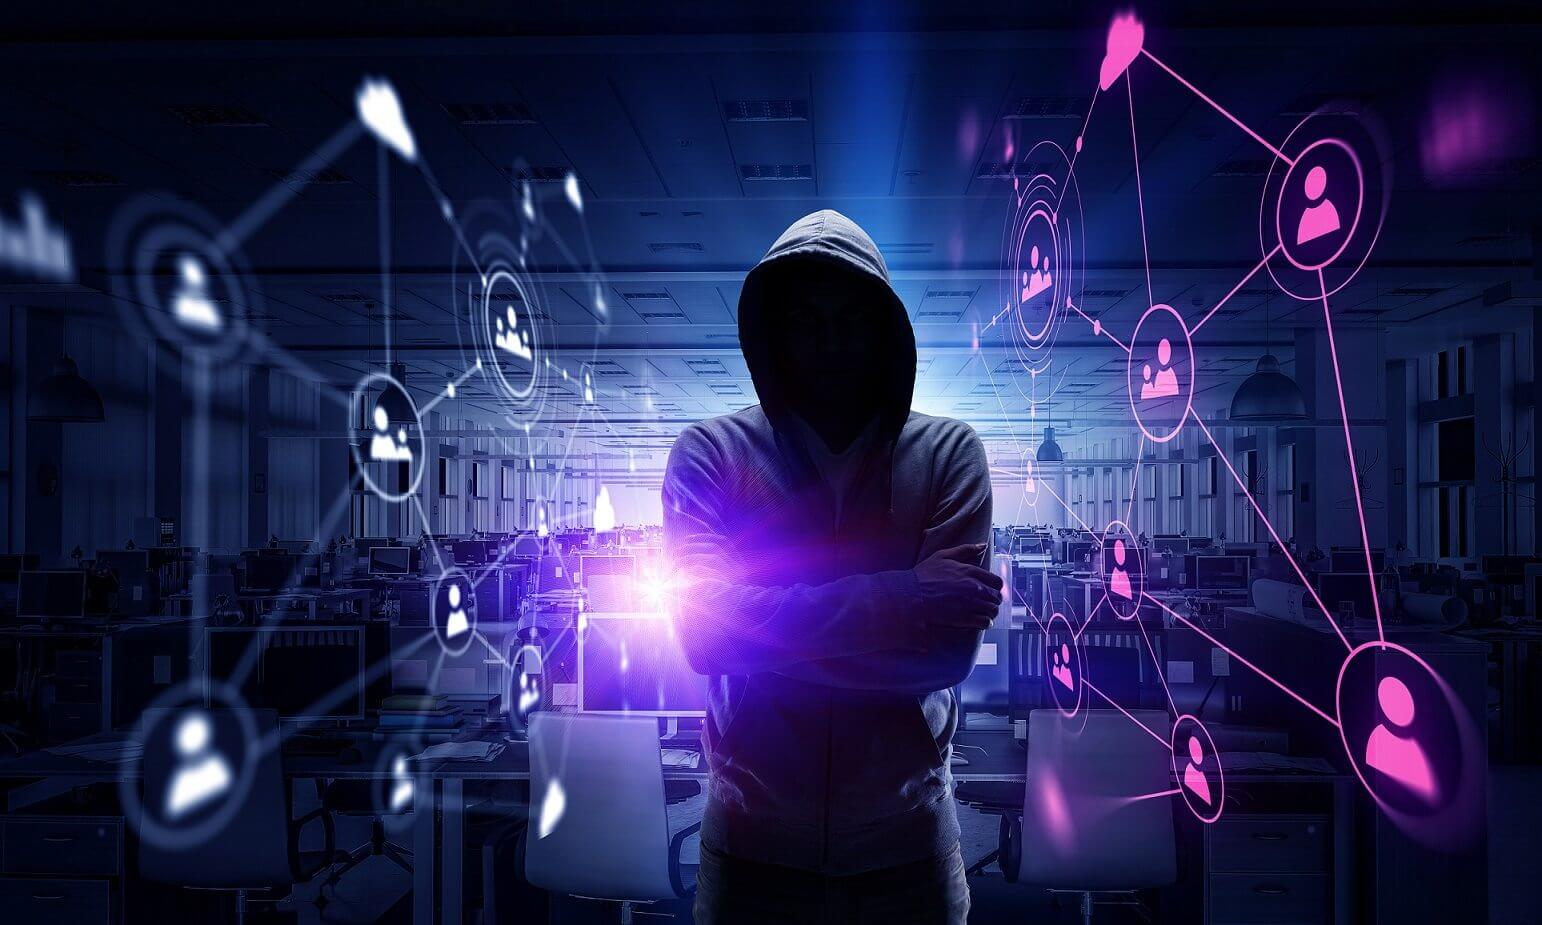 Hackers divulgam 1.4 bilhão de senhas de serviços como Netflix e Bitcoin